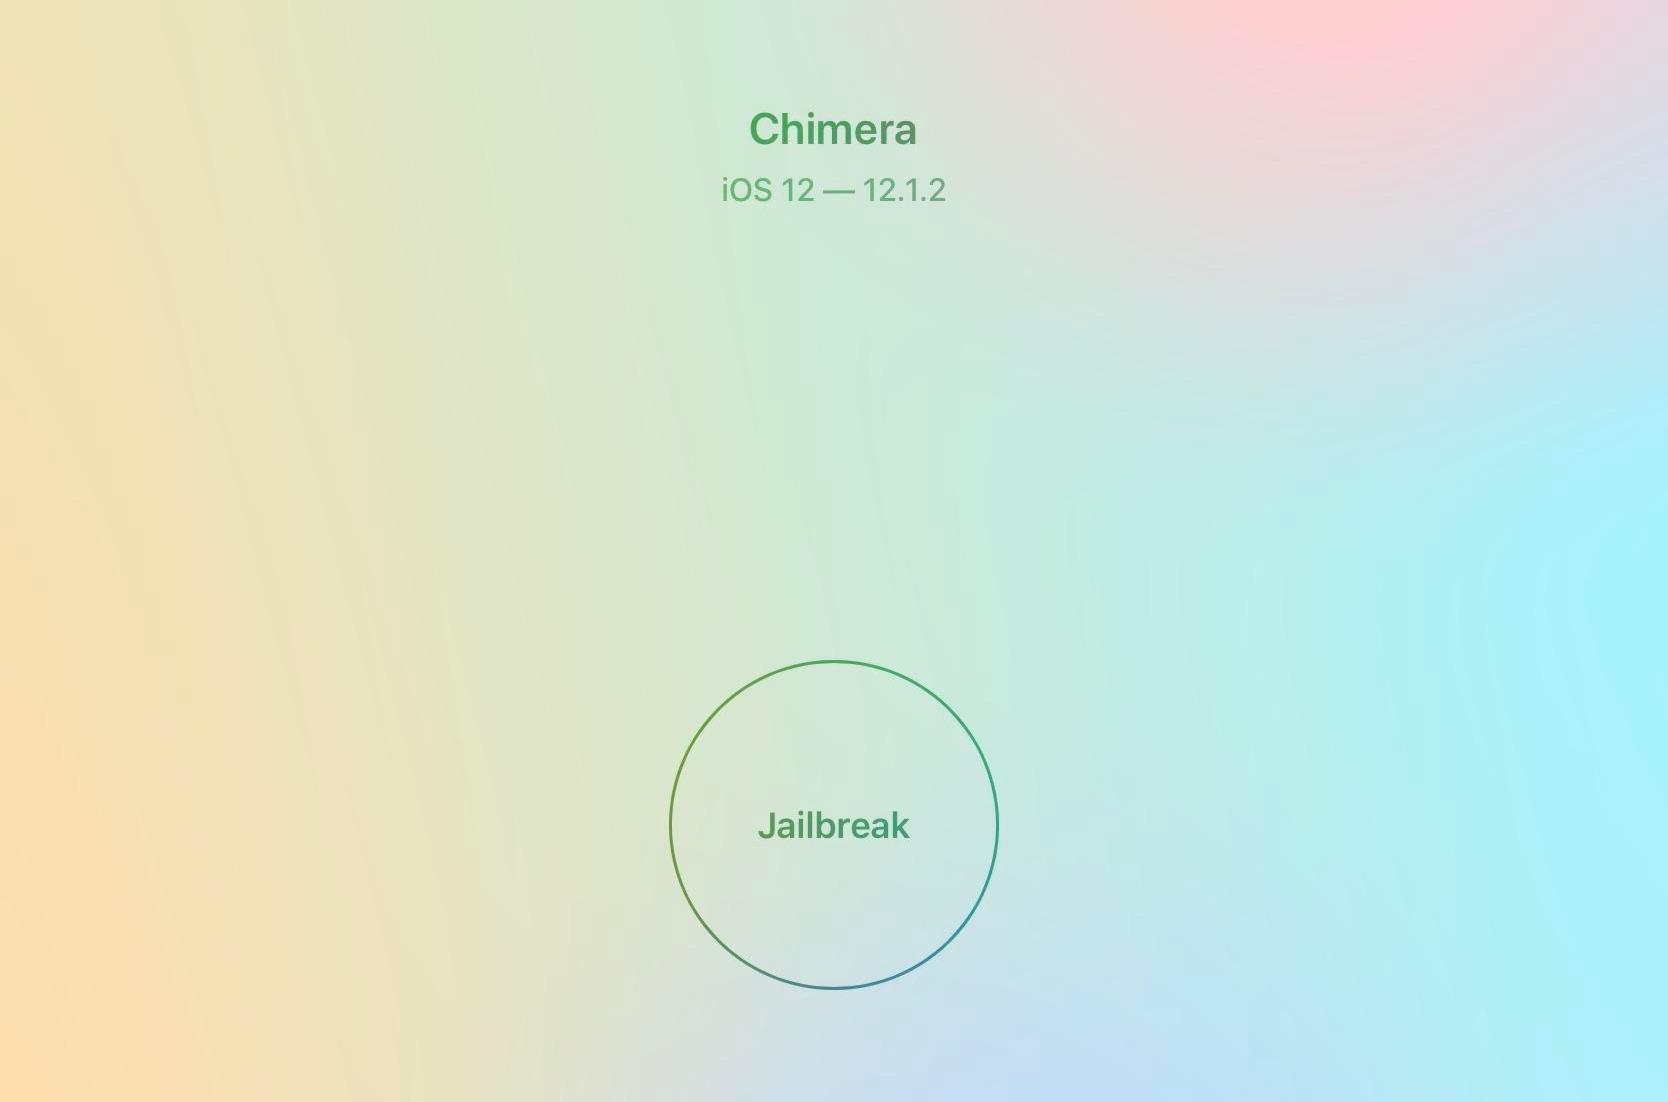 Electra Team actualiza Chimera jailbreak a la versión 1.0.4 con correcciones de errores y mejoras